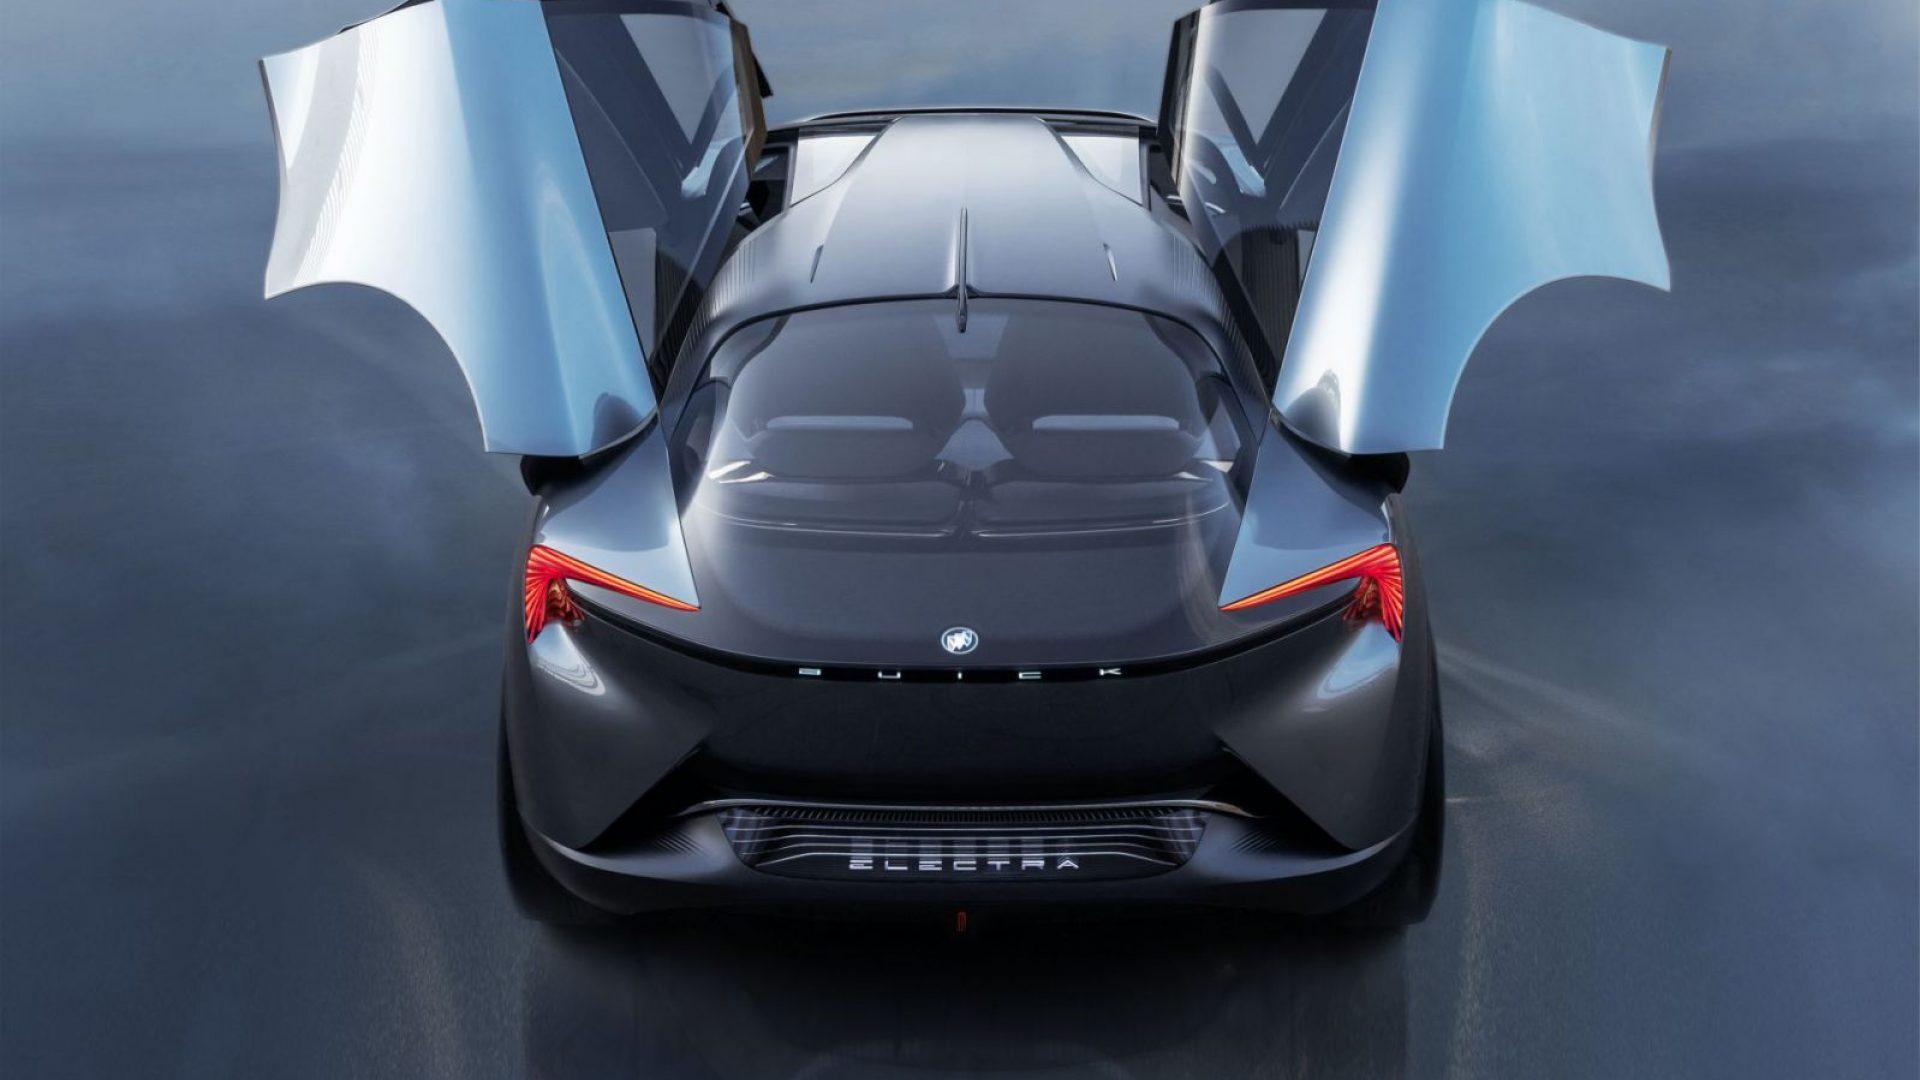 2020-Buick-Electra-Concept-11